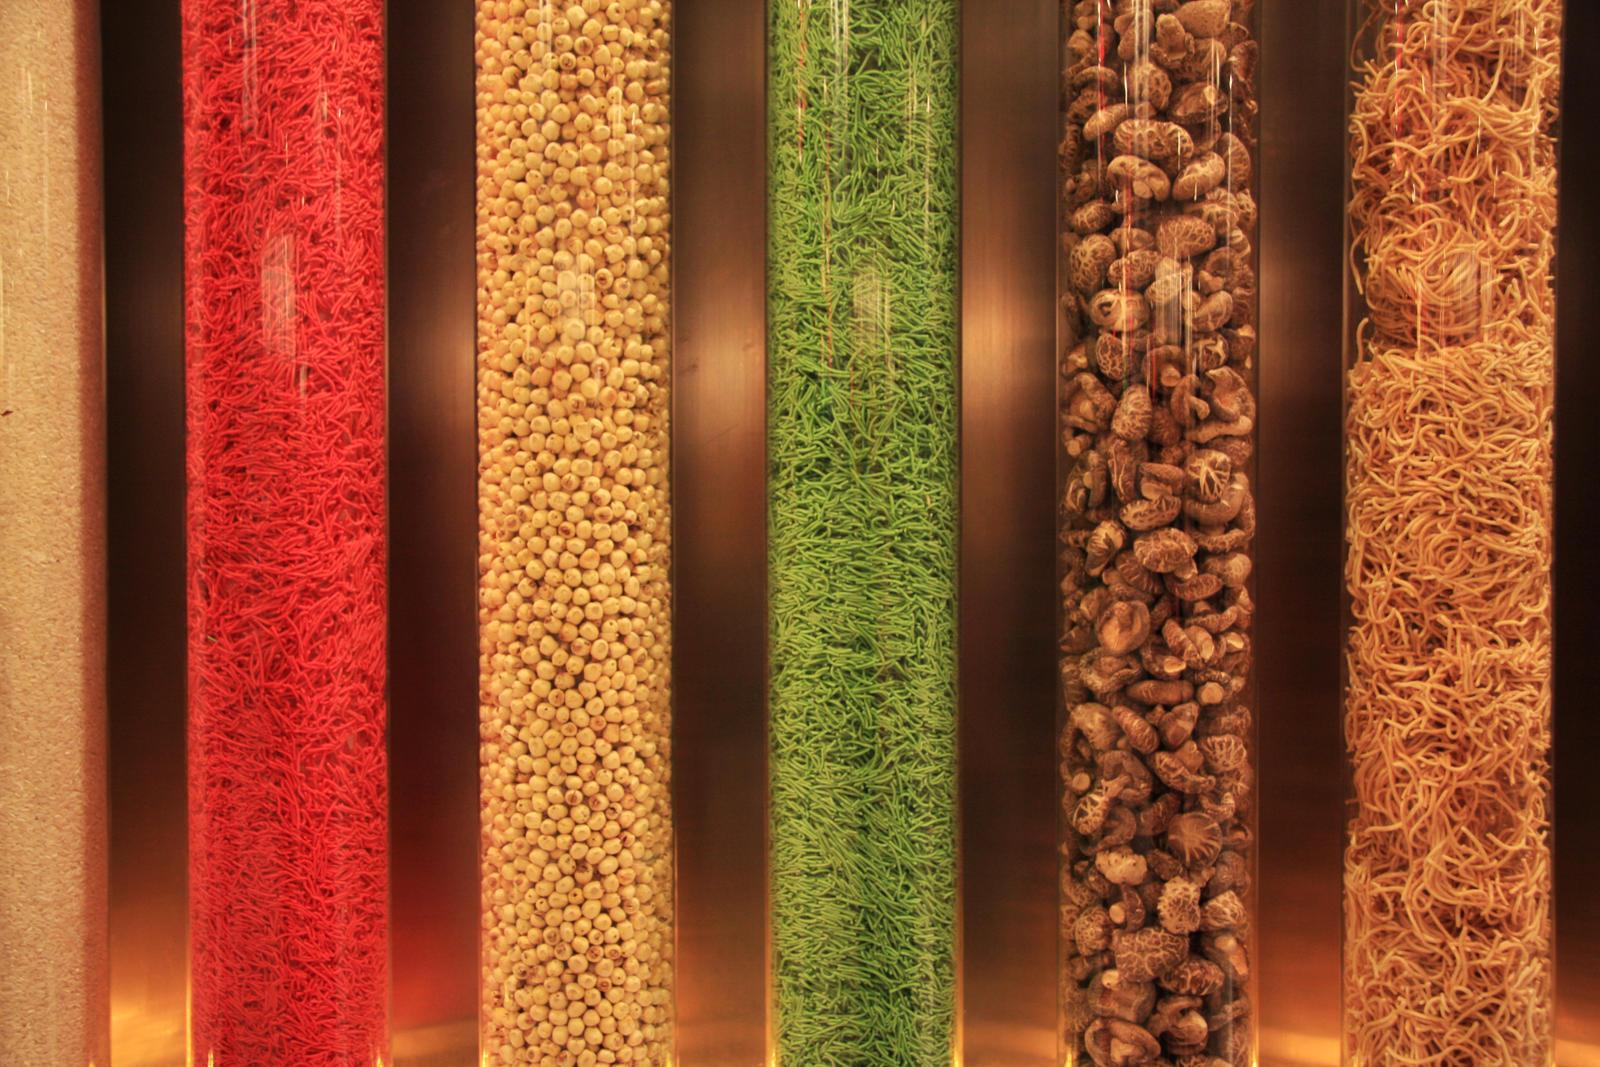 Food Colours by mengshuen